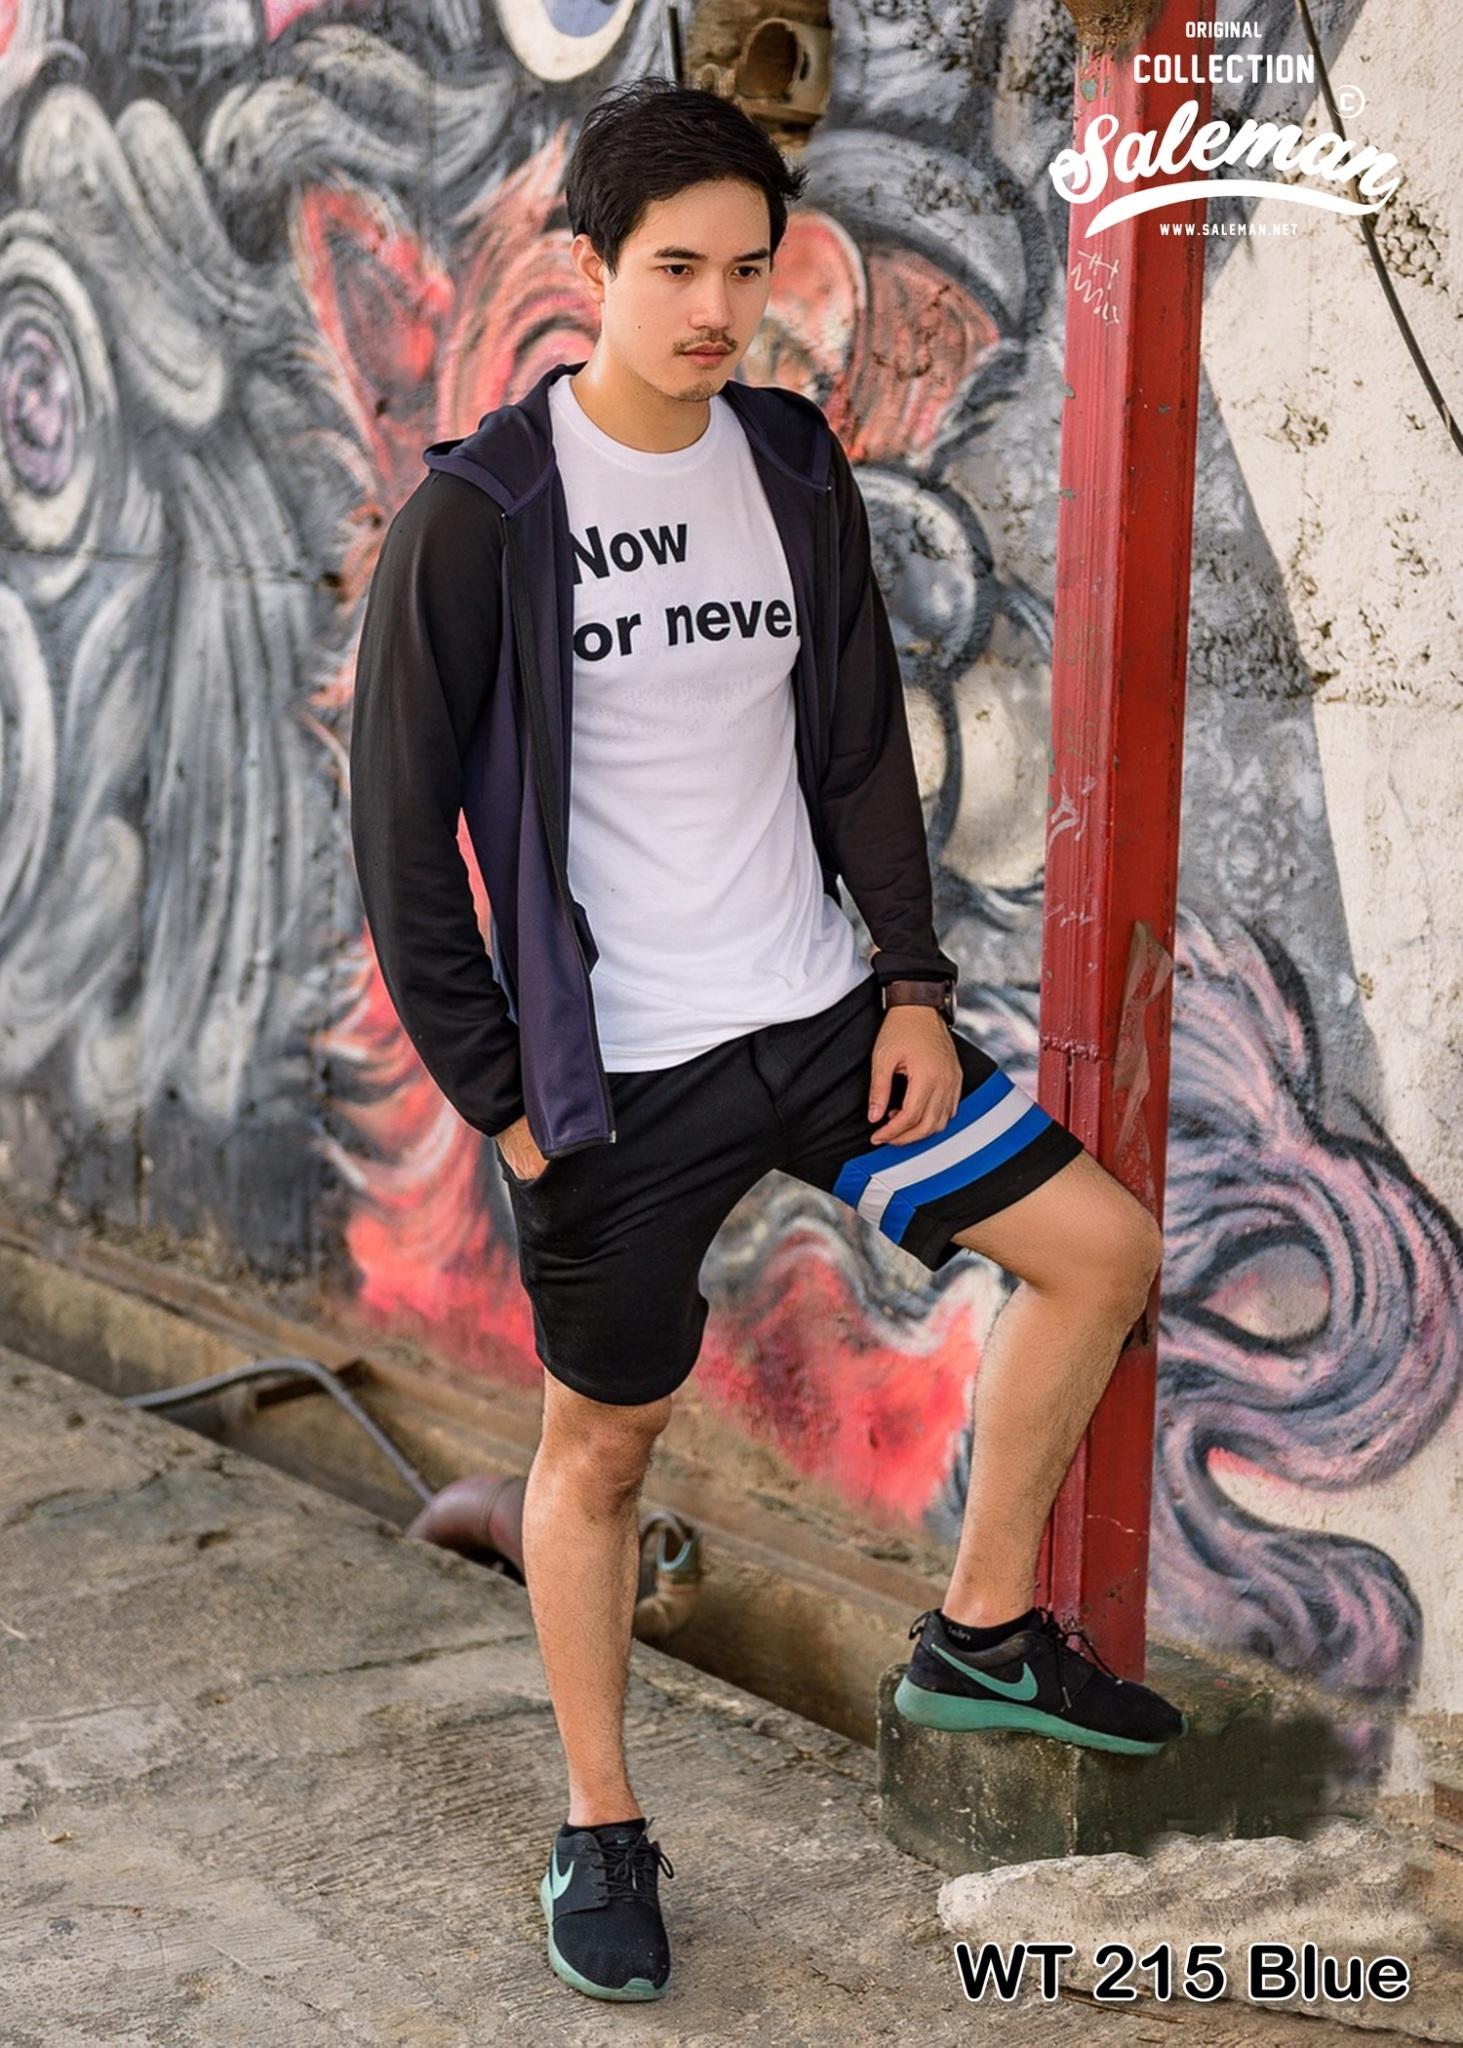 กางเกงขาสั้น พรีเมี่ยม ผ้า วอร์ม รหัส WT215 ฺBlue สีดำ แถบ ฟ้า